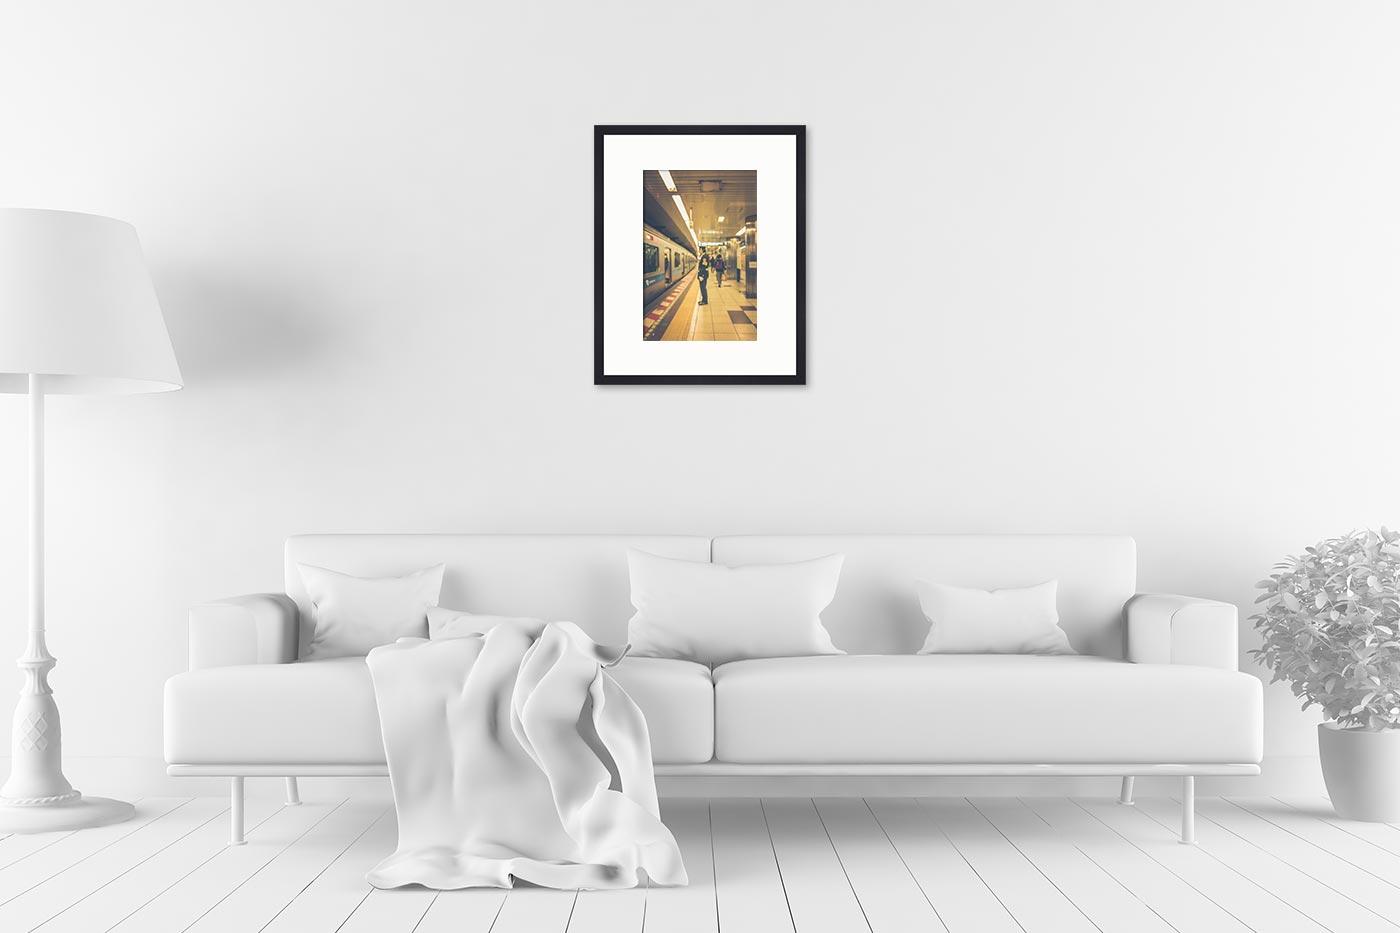 Cadre galerie 40x50 Blurred